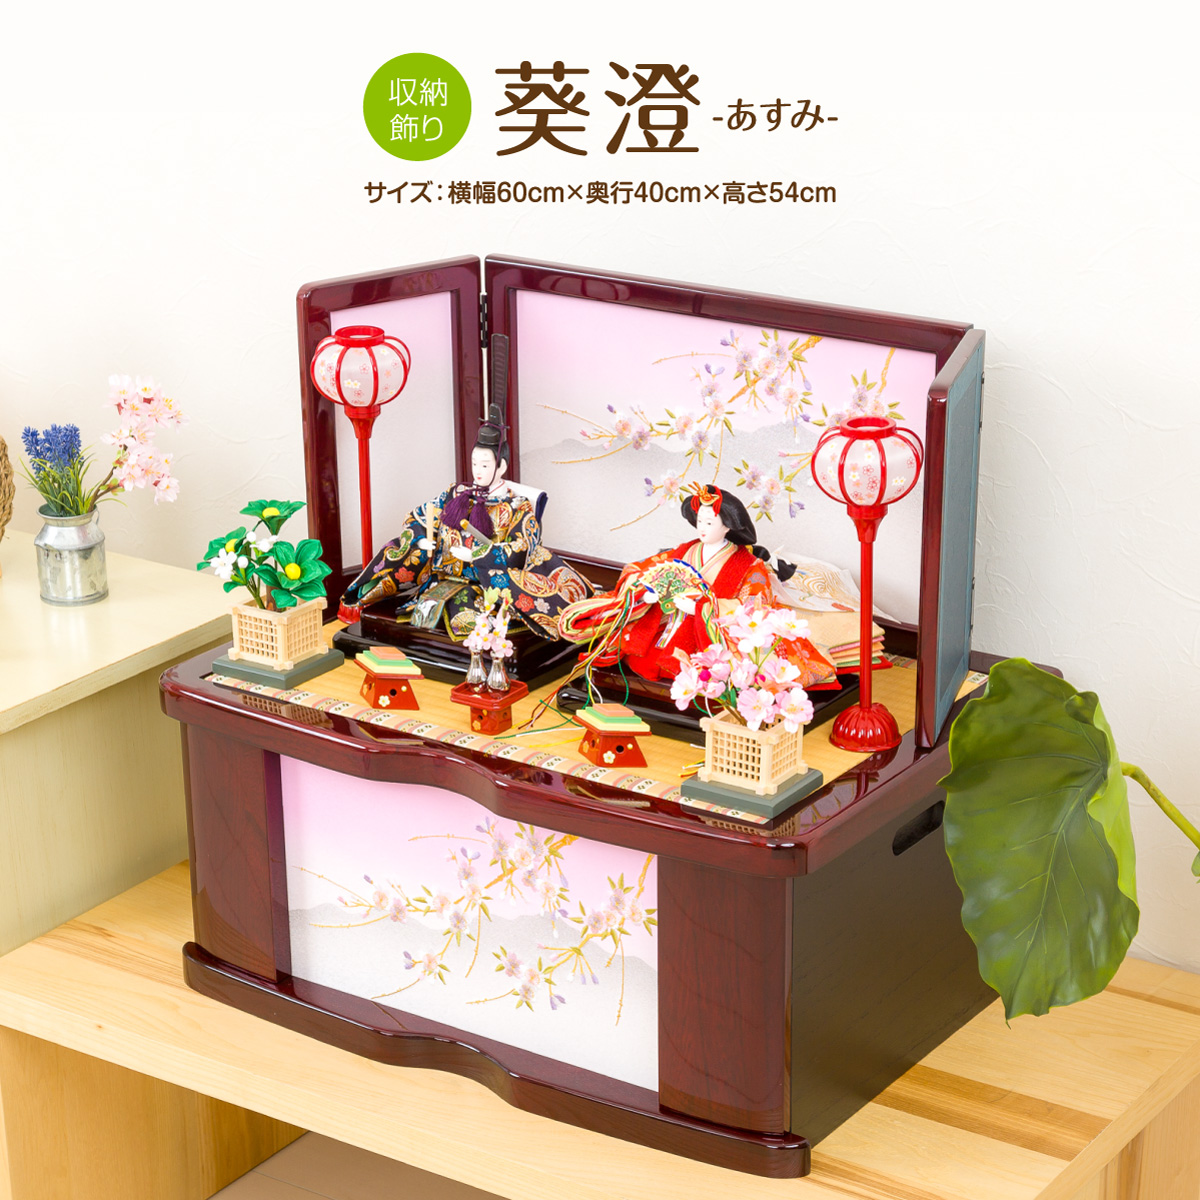 ひな人形 コンパクト収納 葵澄(あすみ) 【2019年人気継続】 特選